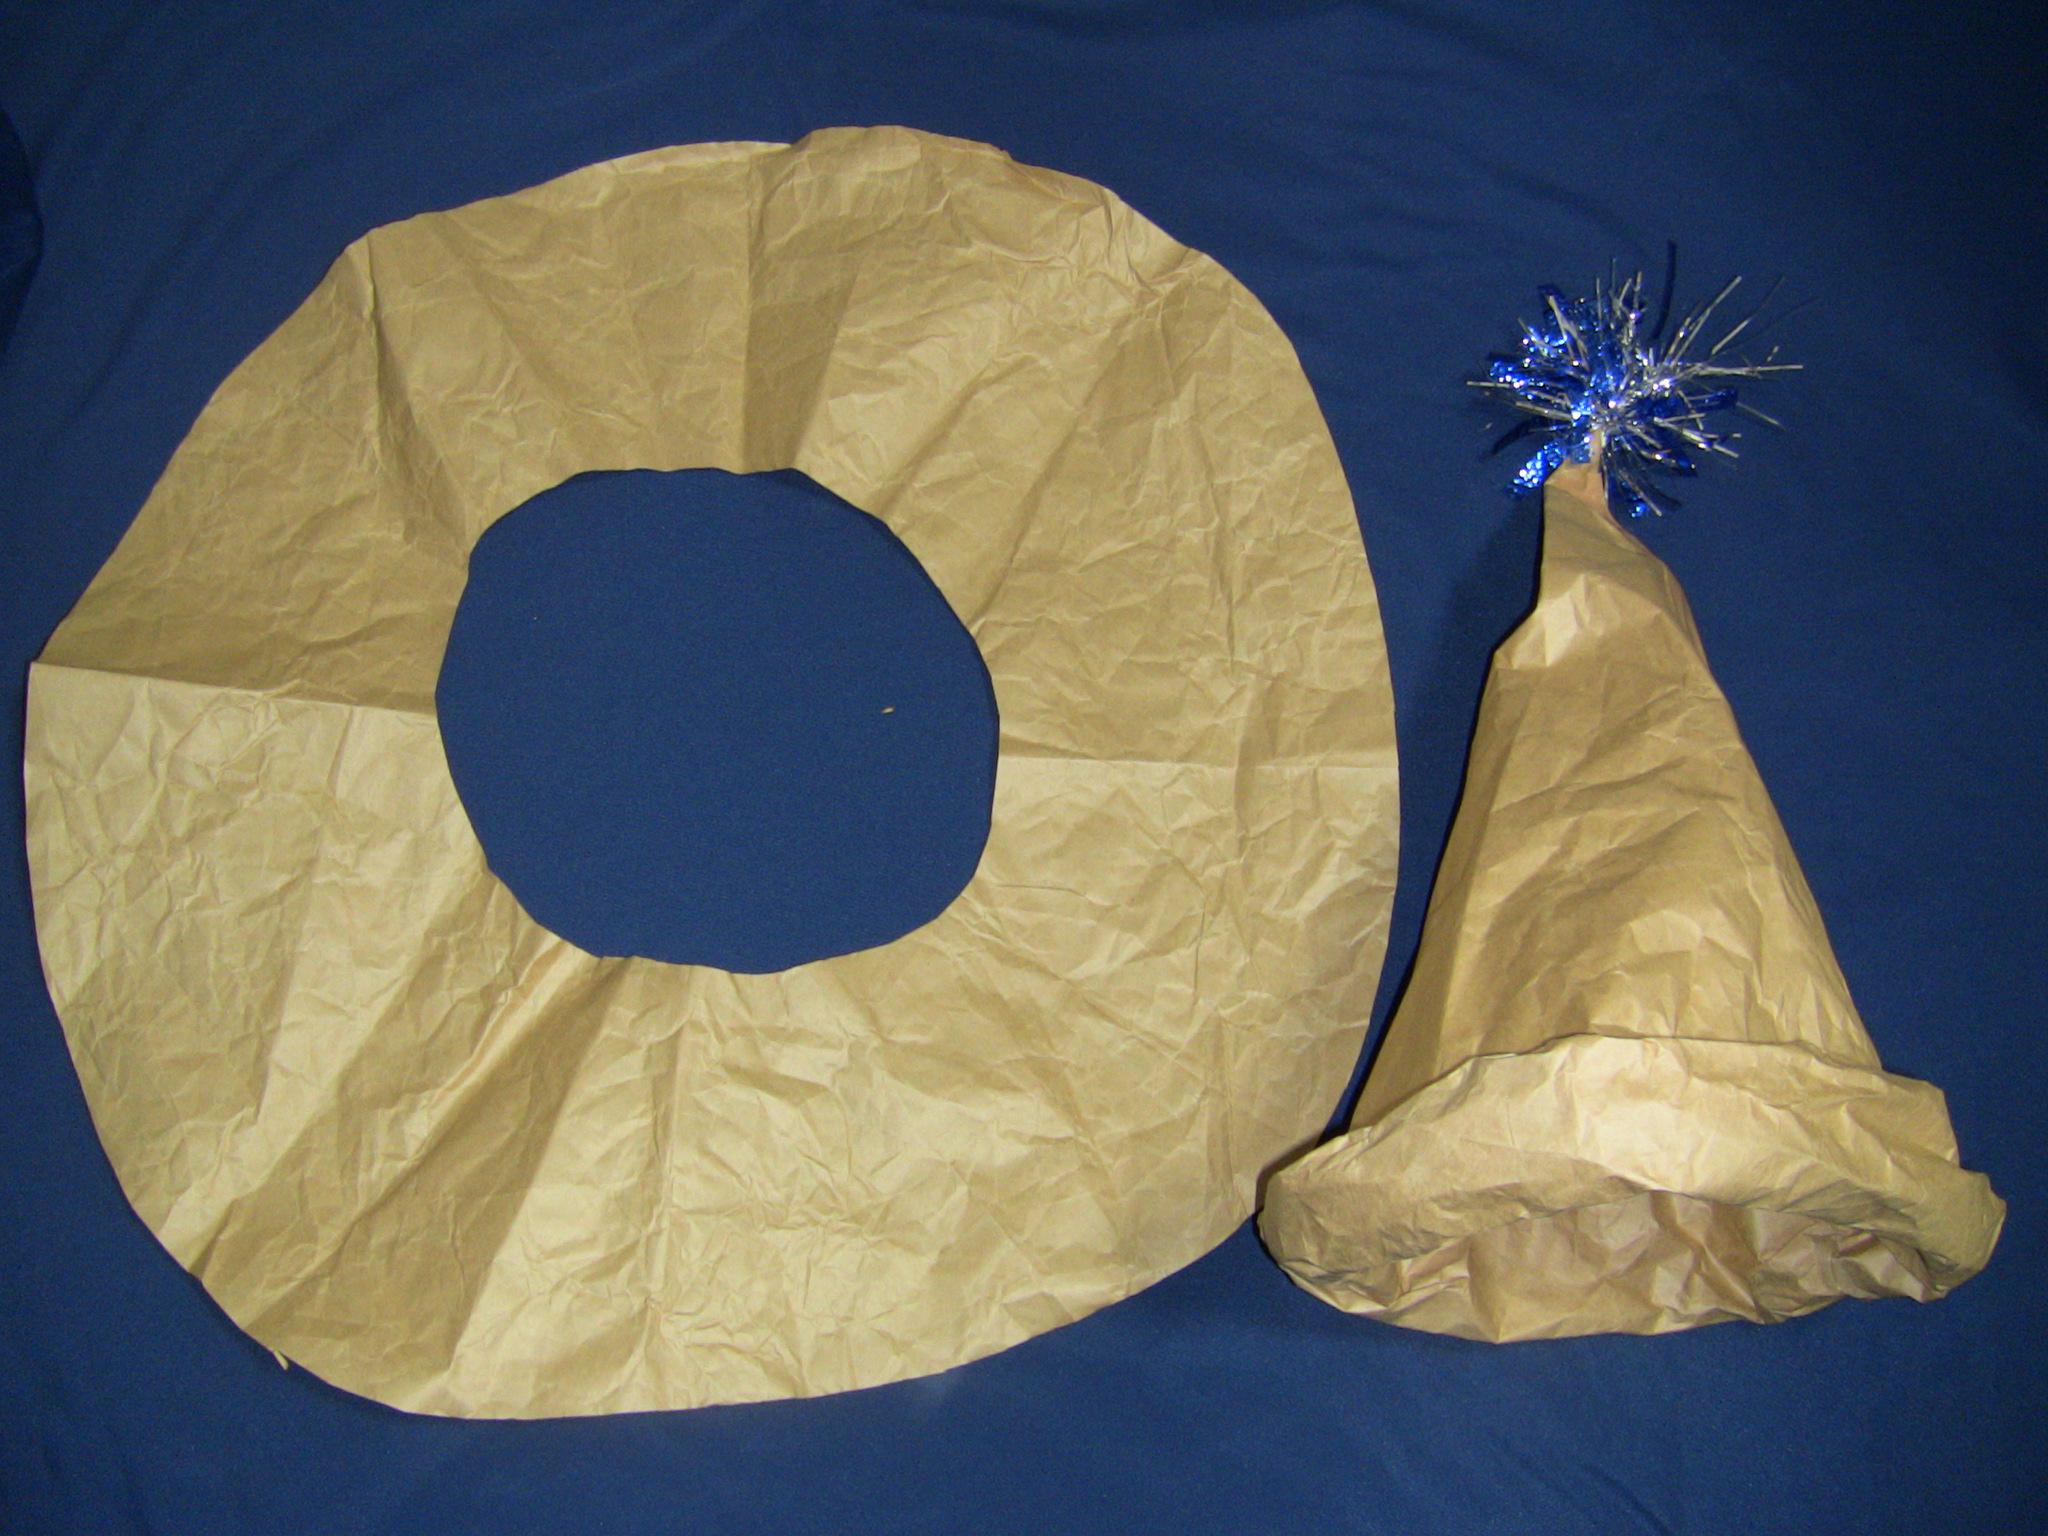 クラフト紙で魔法使い帽子つばを付ける完成